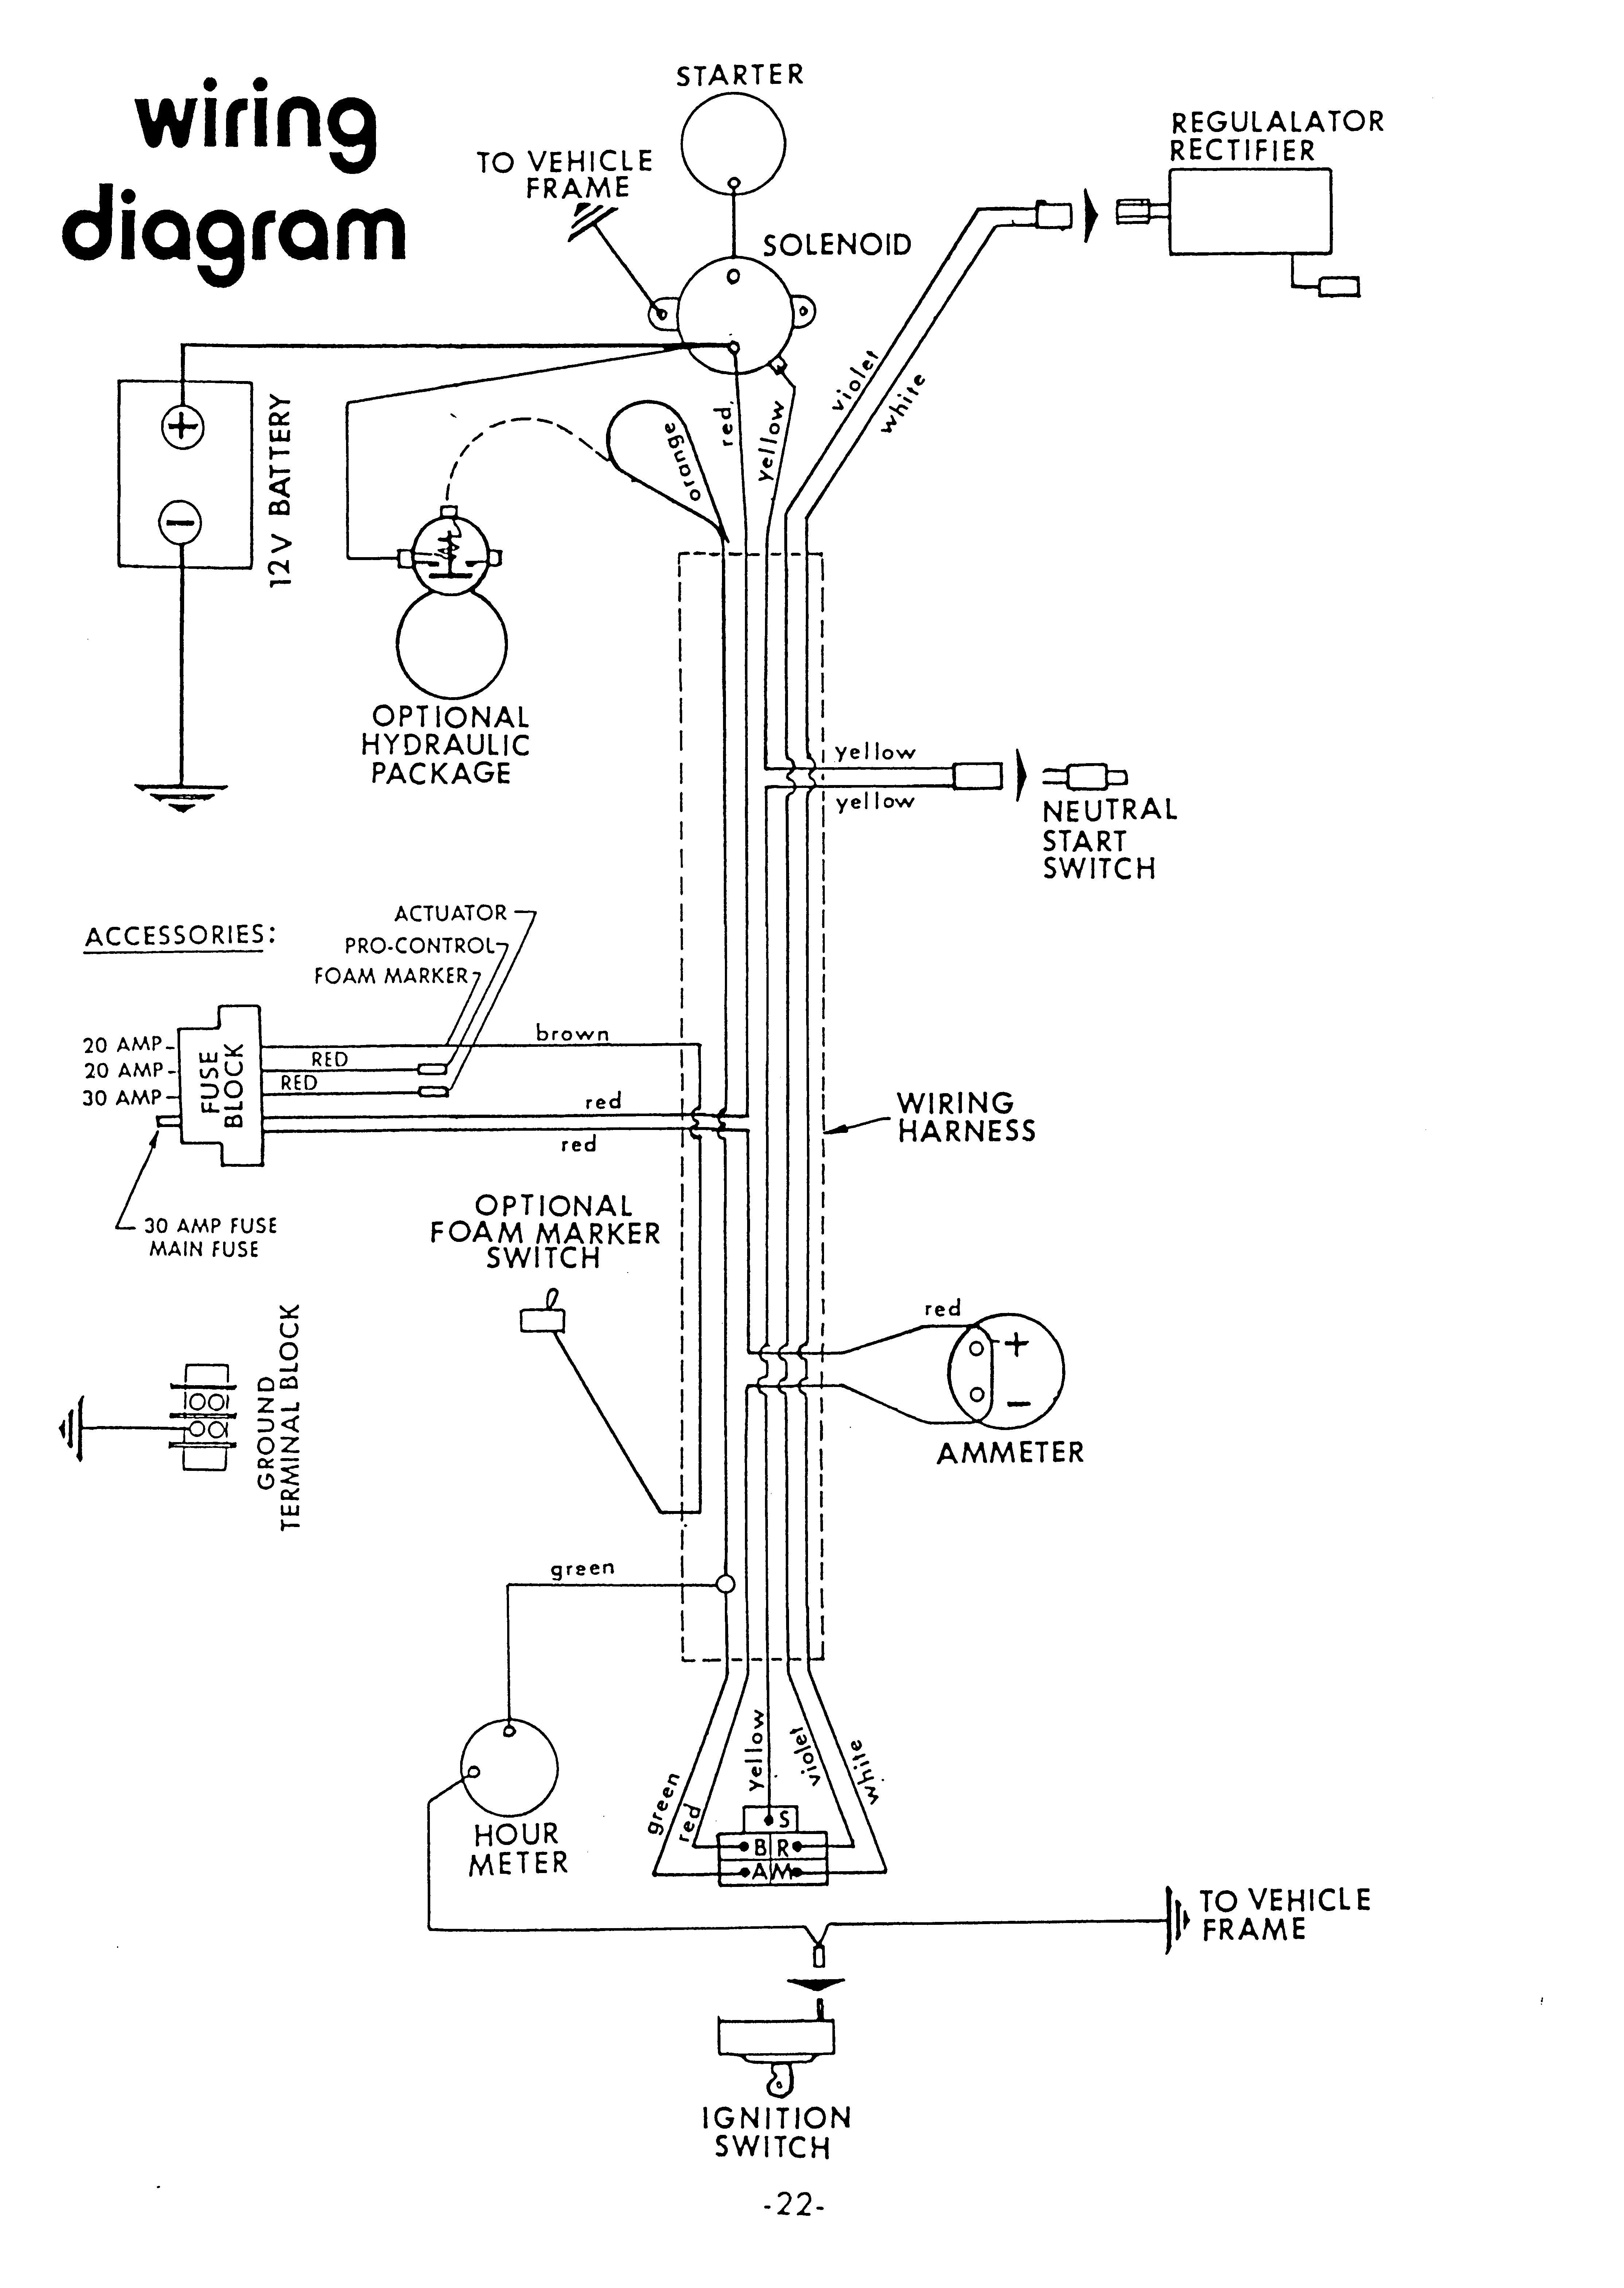 kohler engine charging system diagram paragon 8145 20 defrost timer wiring my